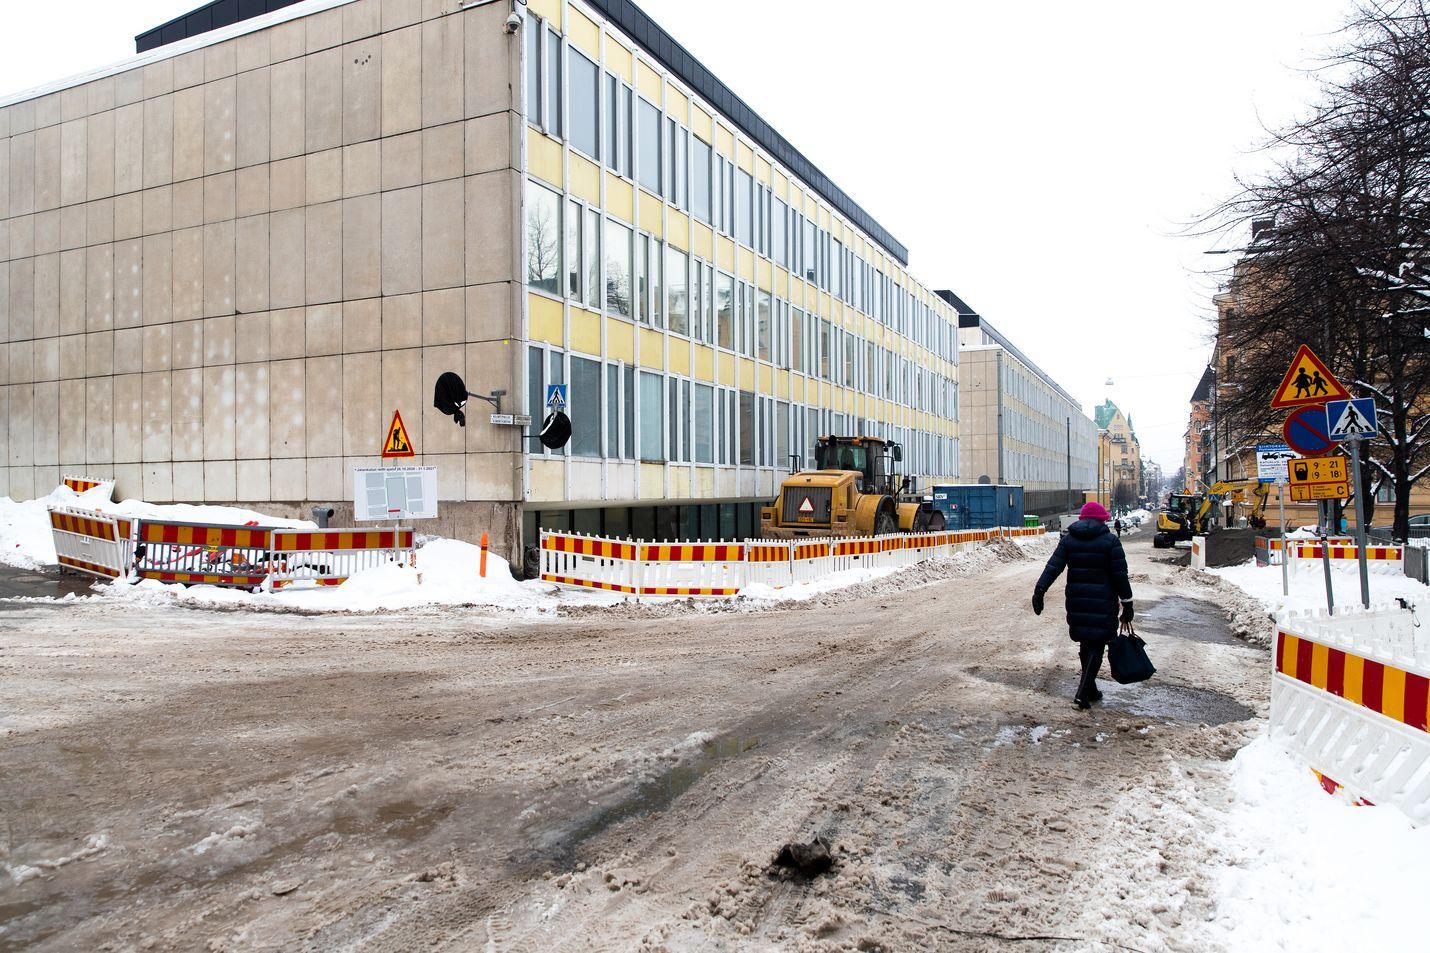 Supon uudet tilat nousevat Helsingin Kaartinkaupunkiin, jossa on myös Puolustusvoimien pääesikunta. Supo vastaa siviilitiedustelusta, kun Puolustusvoimat hoitaa sotilastiedustelun.